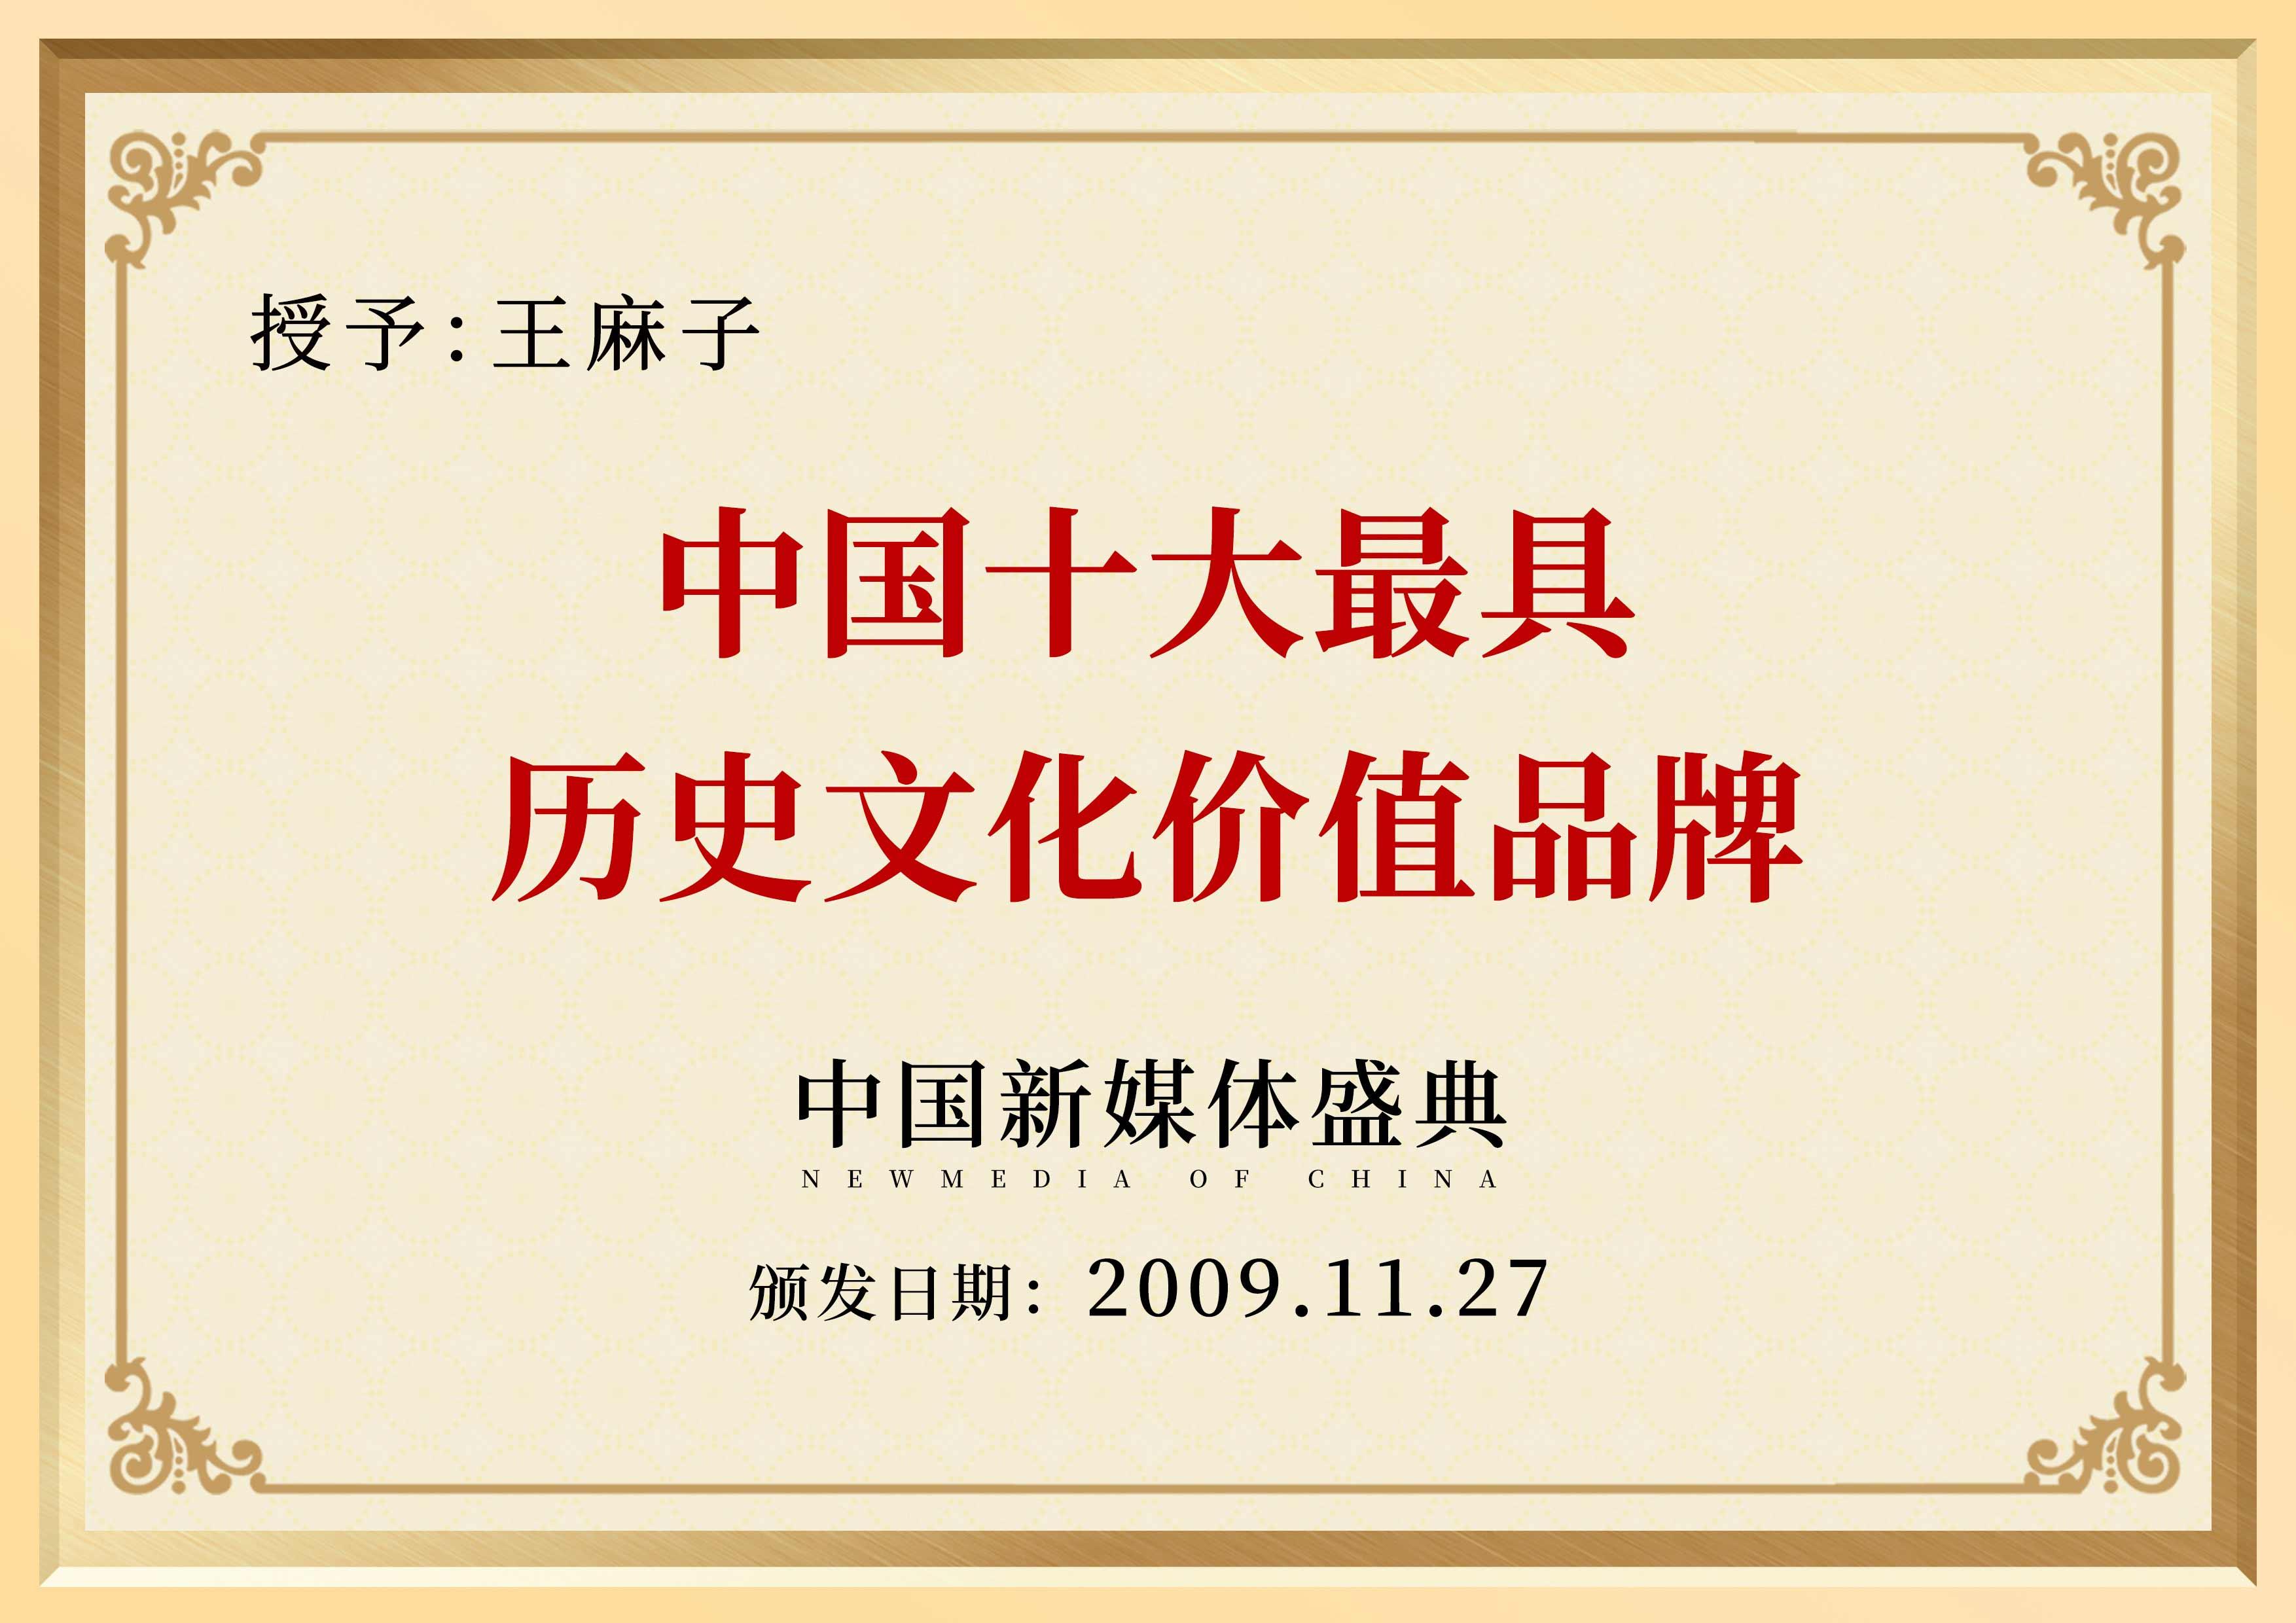 中国十大最具历史文化价值品牌.jpg